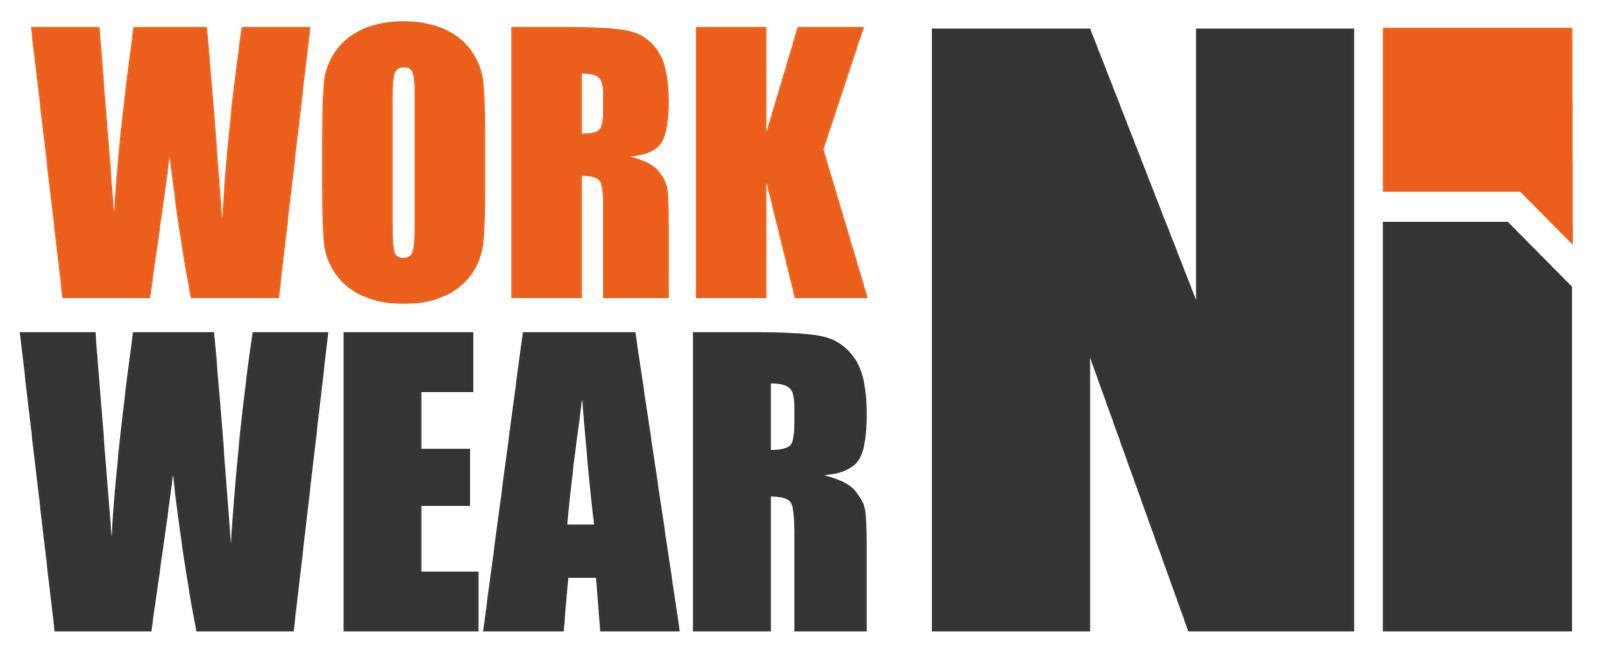 Work Wear Northern Ireland